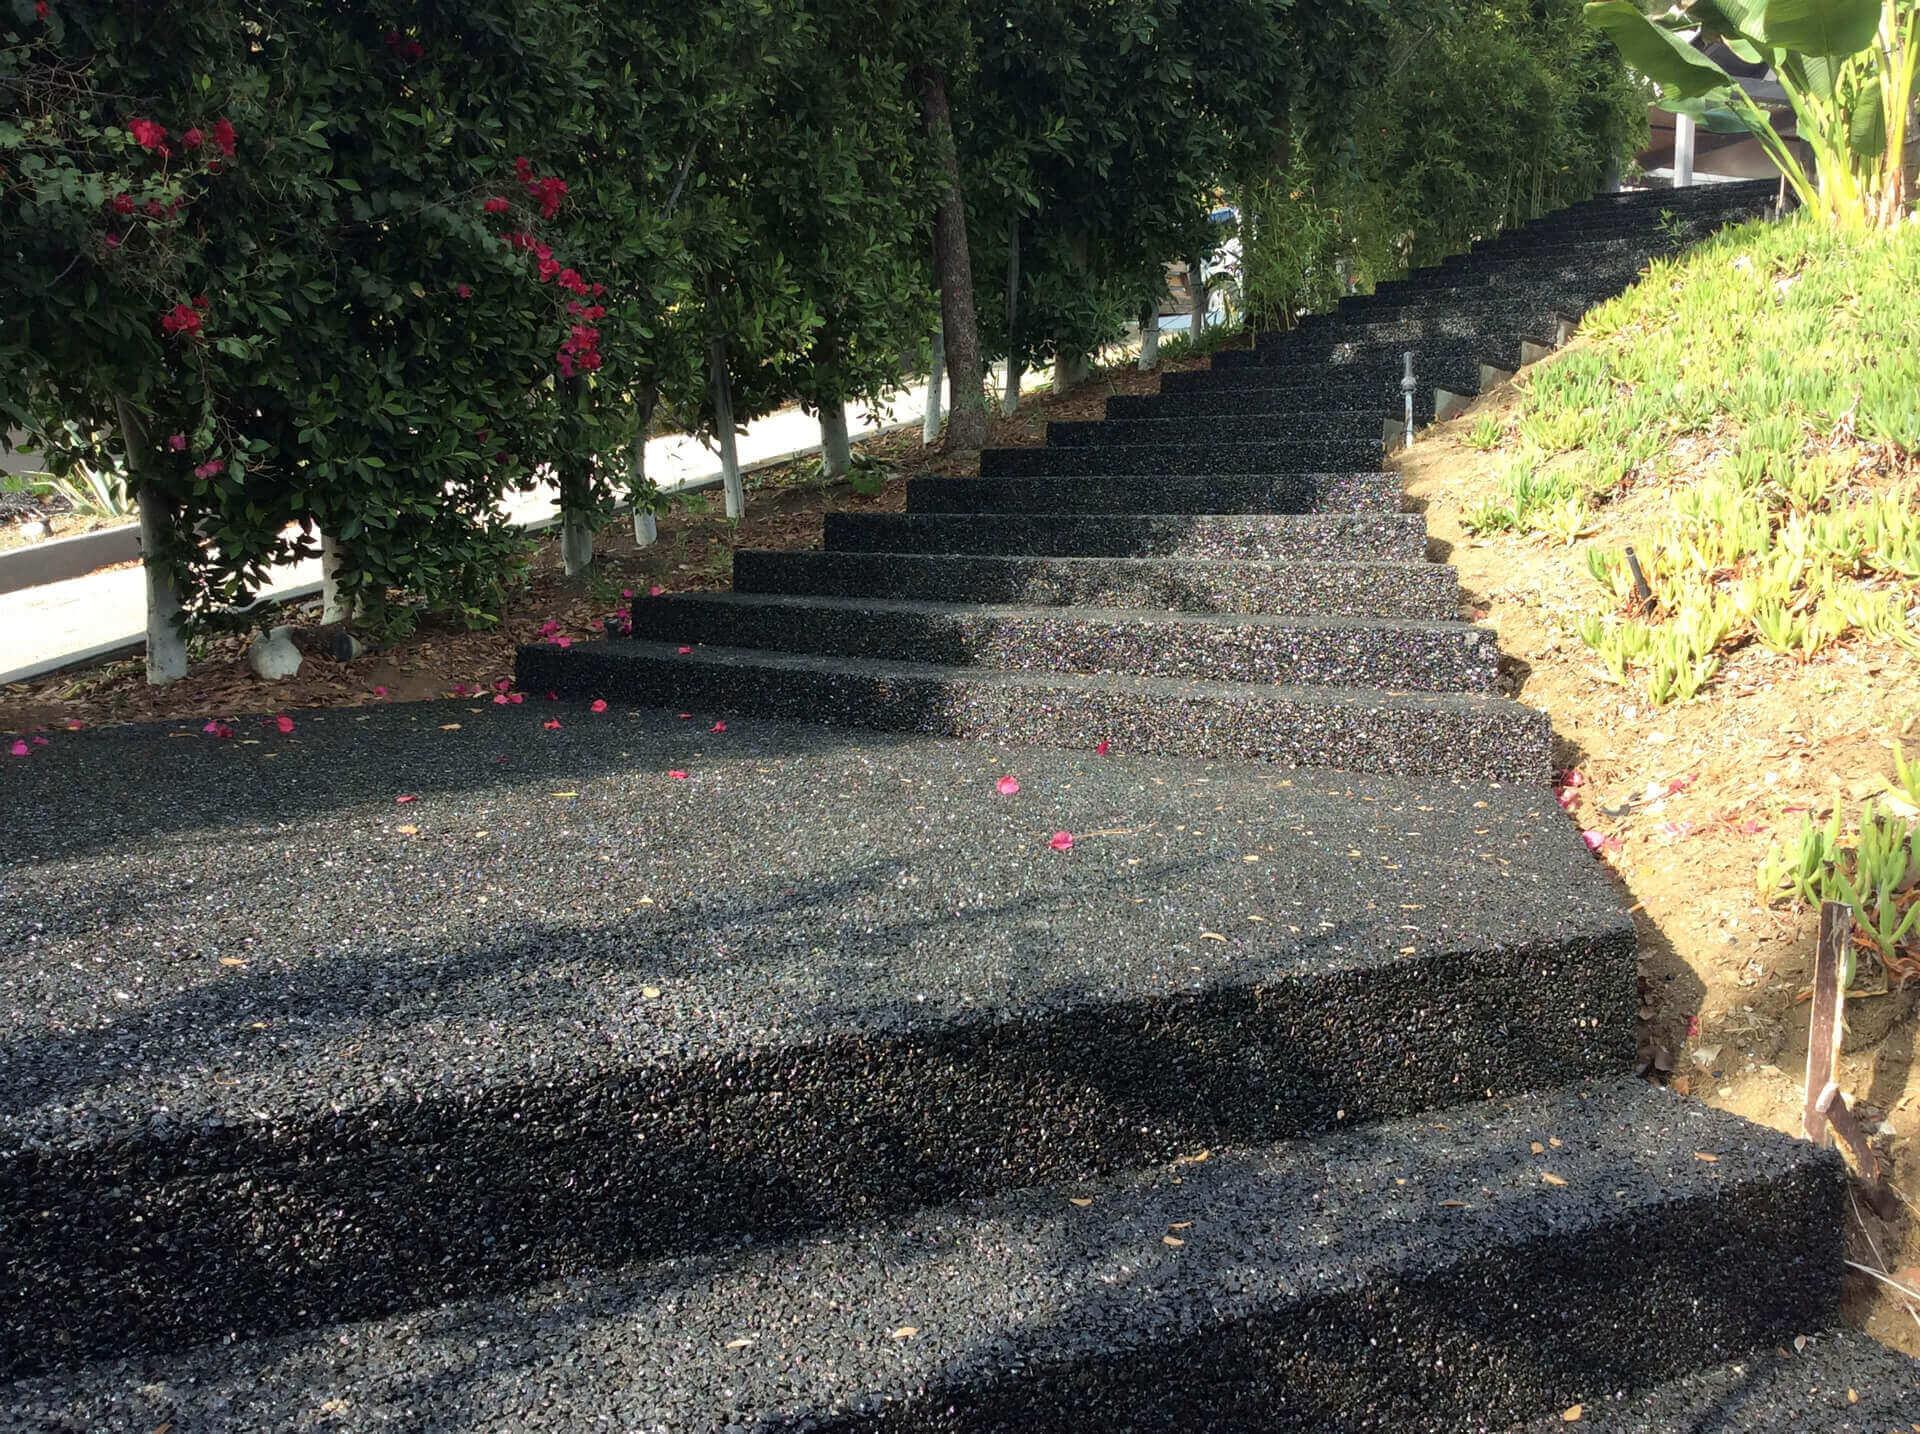 pavimentazione esterna con dry stone per scala esterna